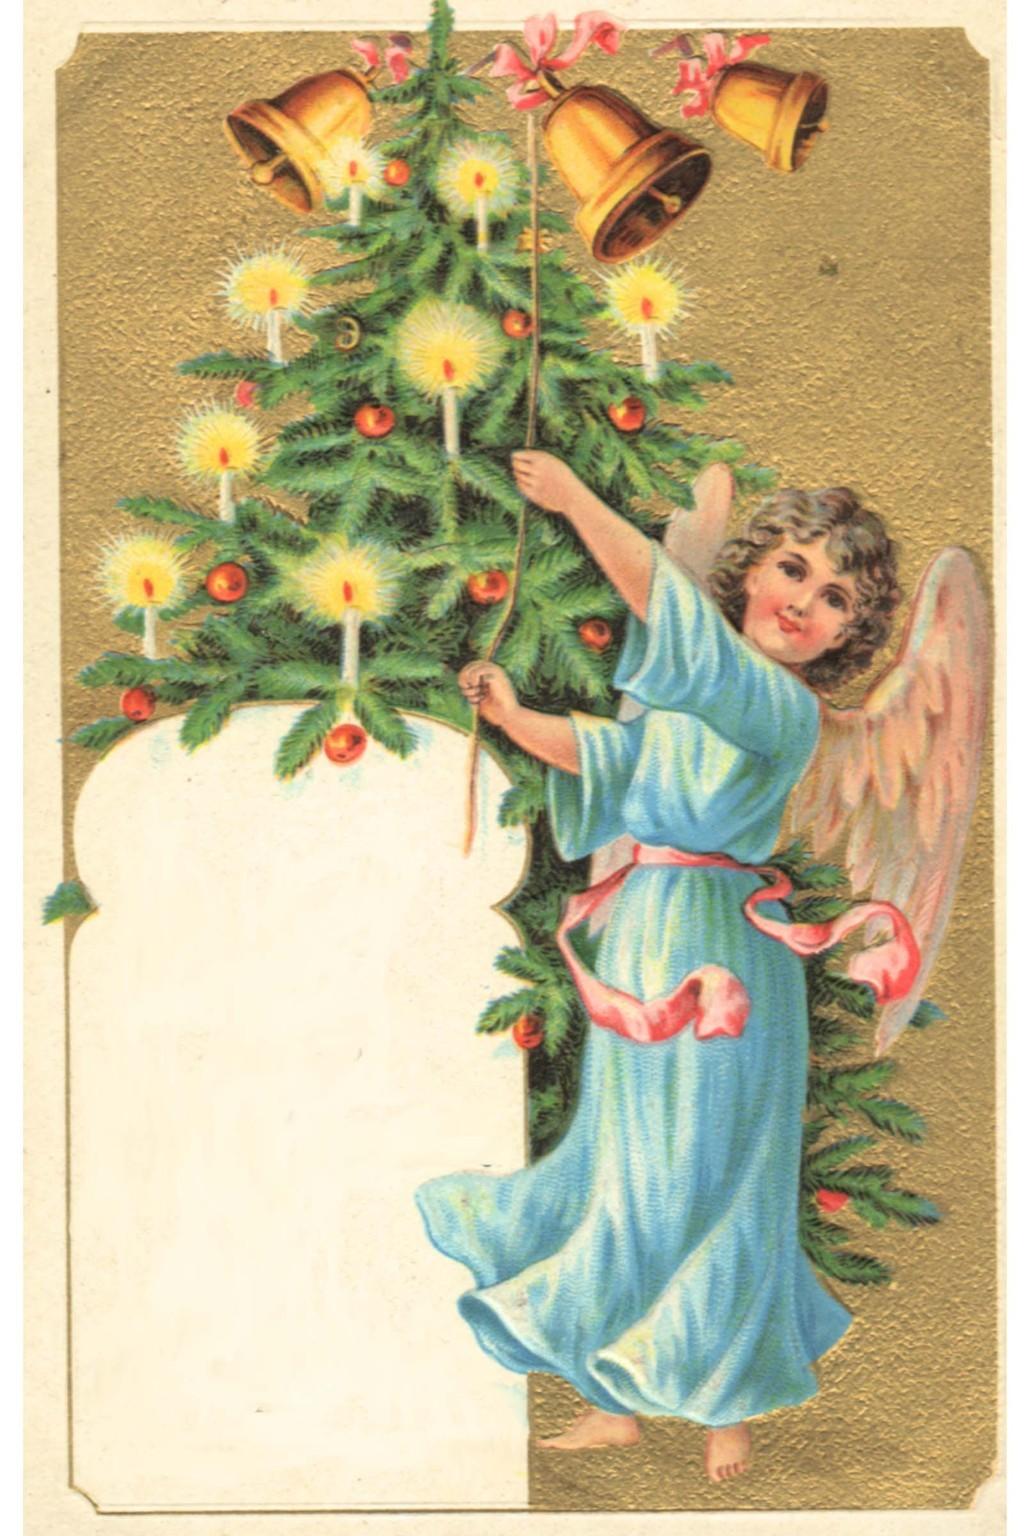 Kostenlose weihnachtsbilder und weihnachtsmotive frohes fest - Kostenlose weihnachtskarten versenden ...